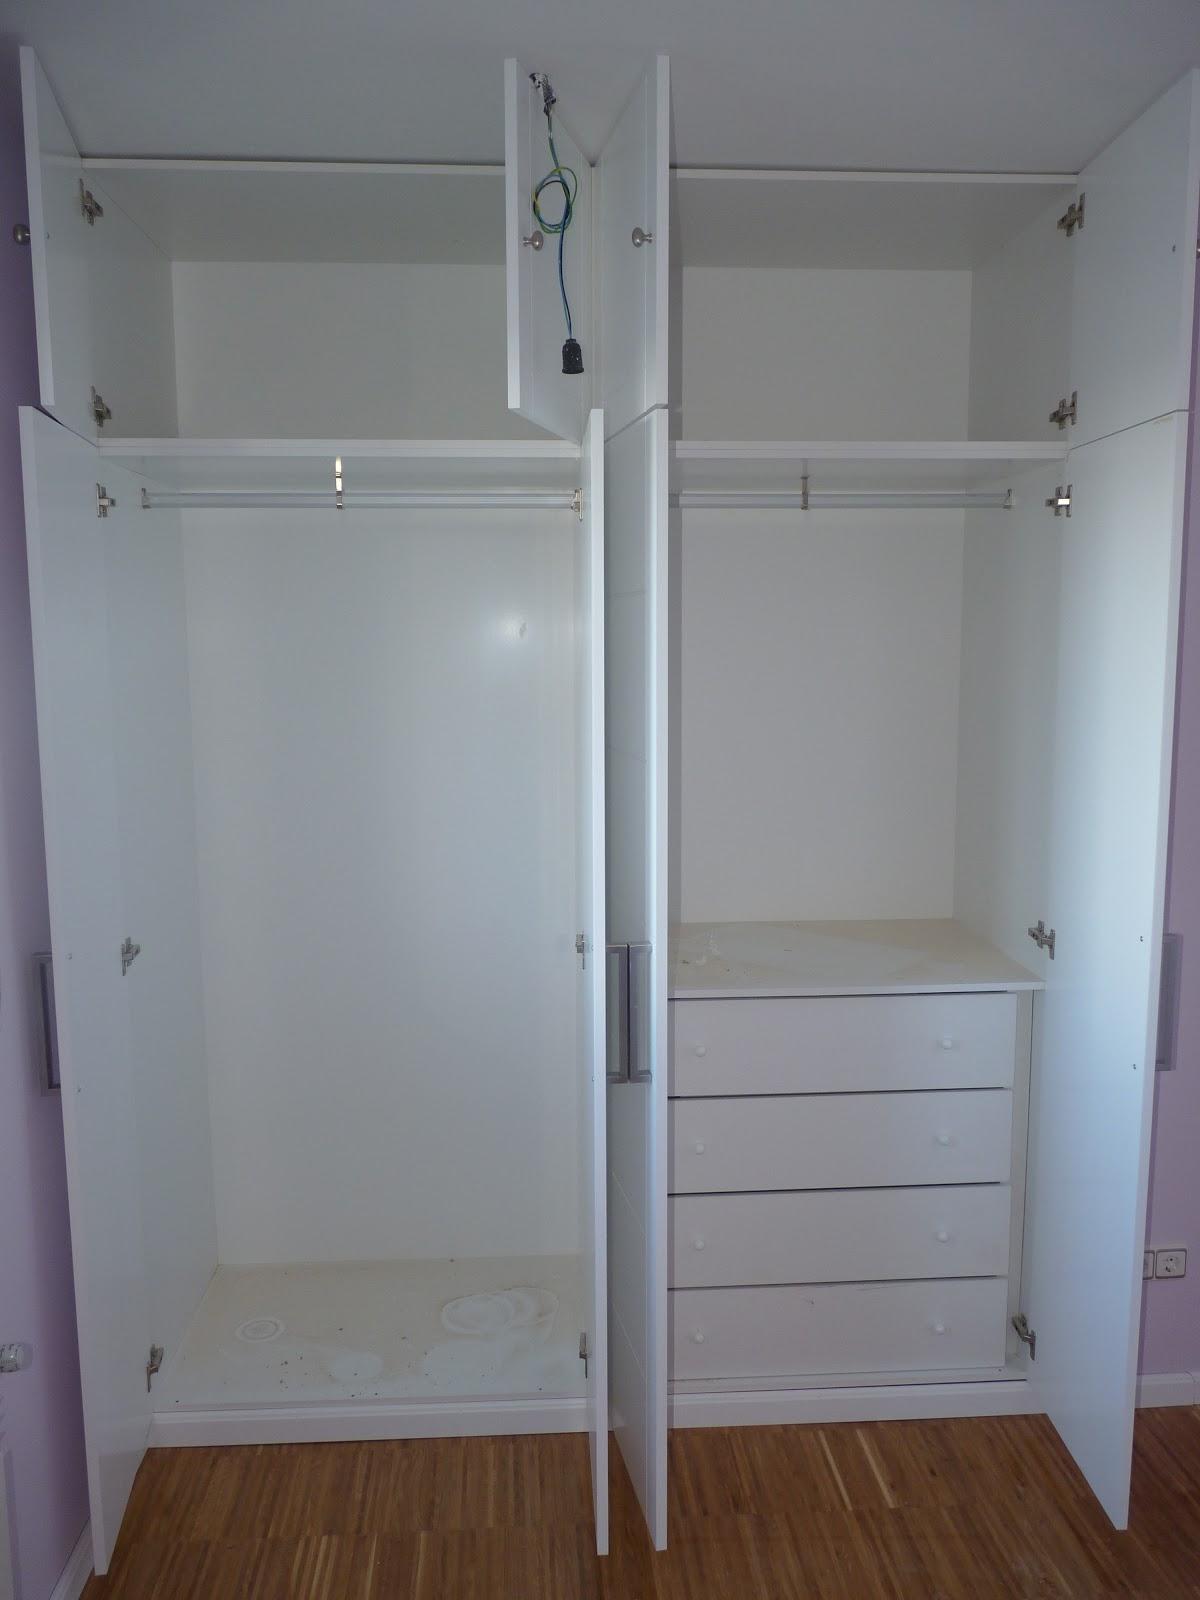 Muebles luis armarios empotrados - Puertas de interior ikea ...